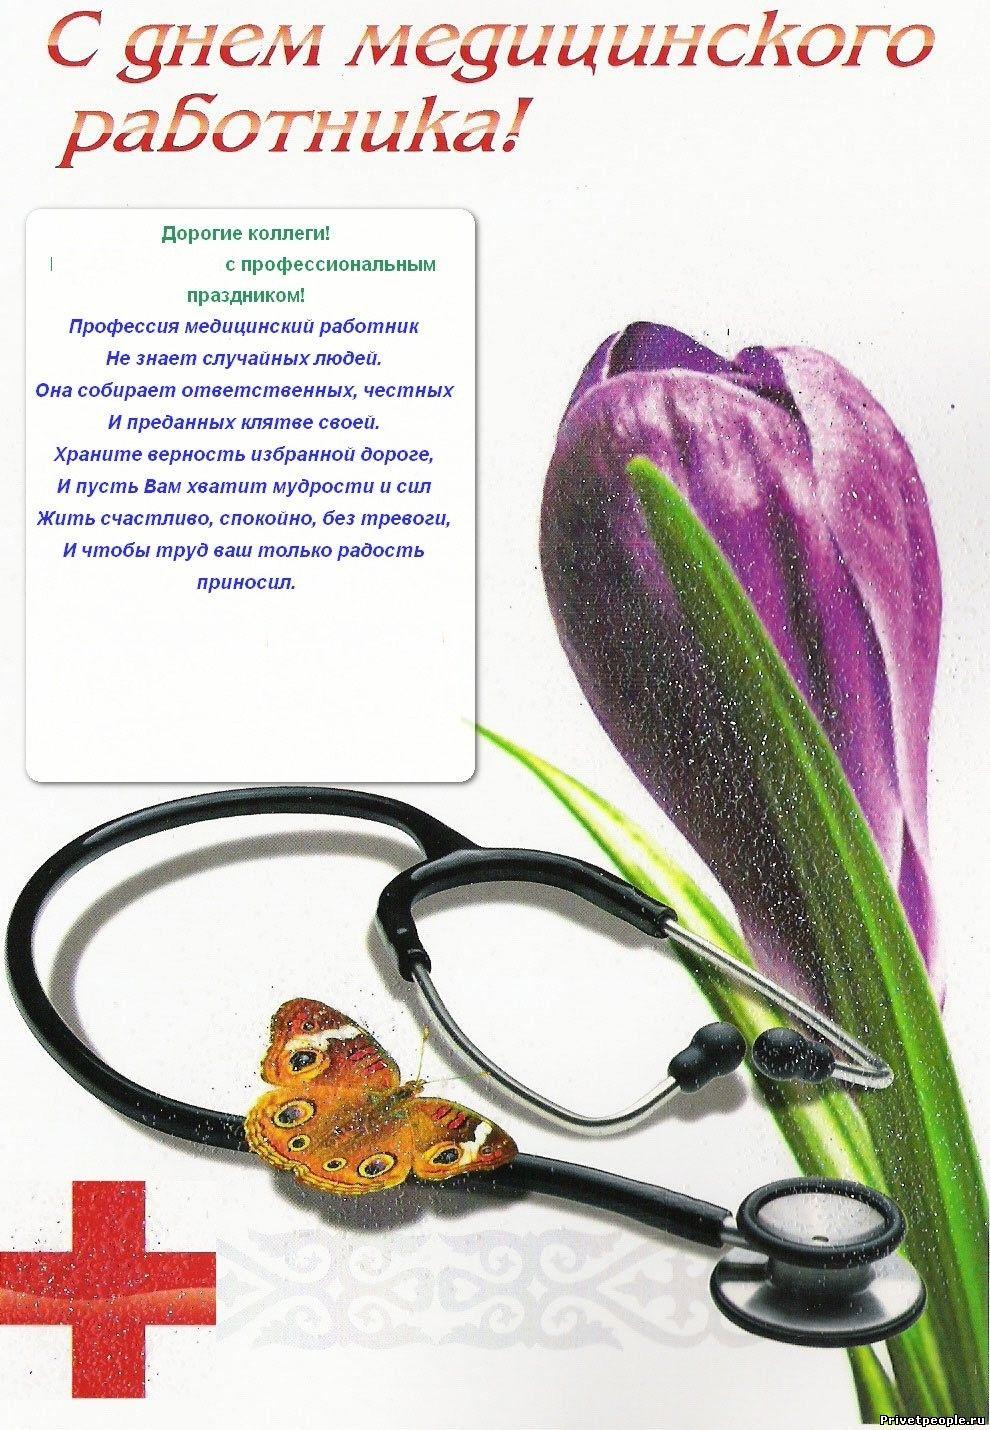 Прикольные открытки к Дню медицинского работника